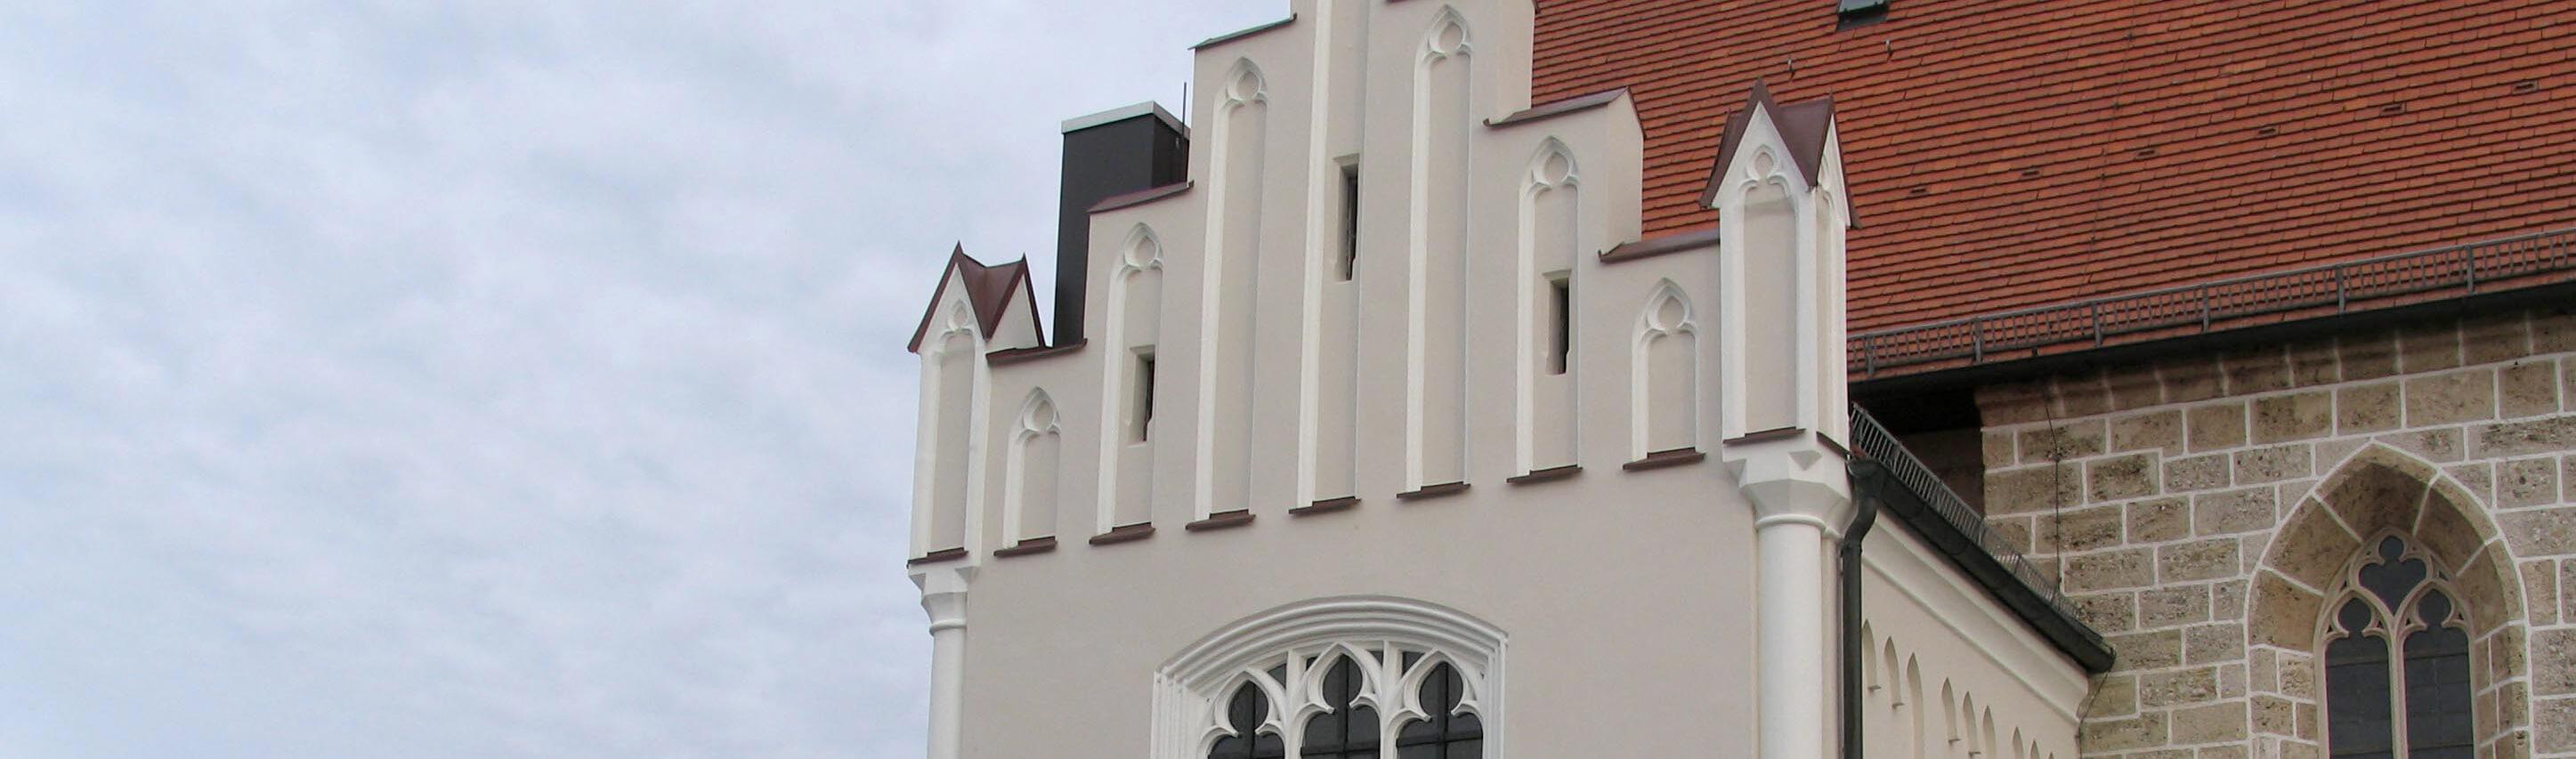 Restaurierung von Wandmalereien Kirchenmalerei und Vergoldungen ...